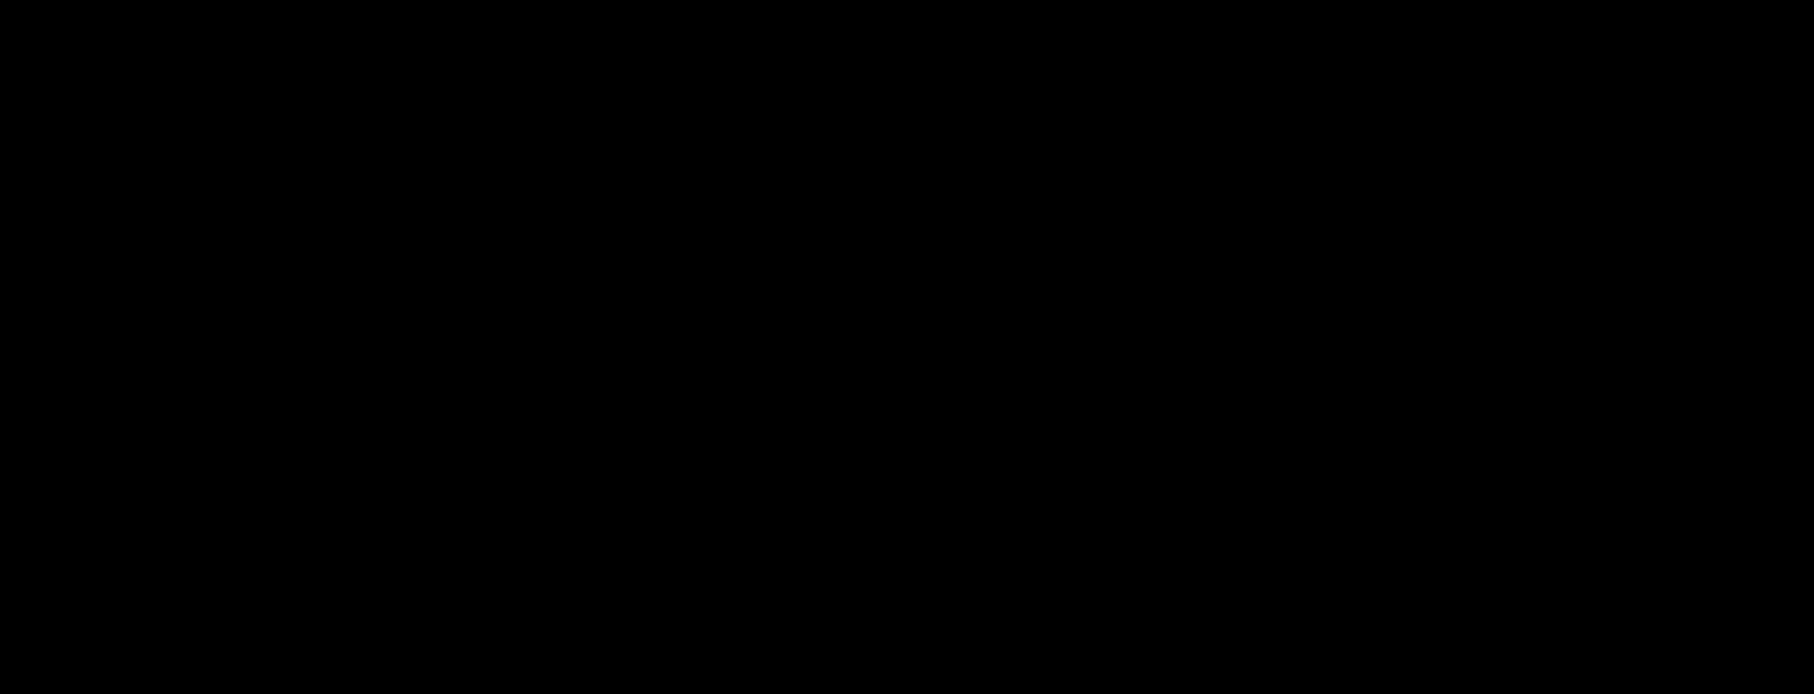 Zingerone 4-O-β-D-glucopyranoside